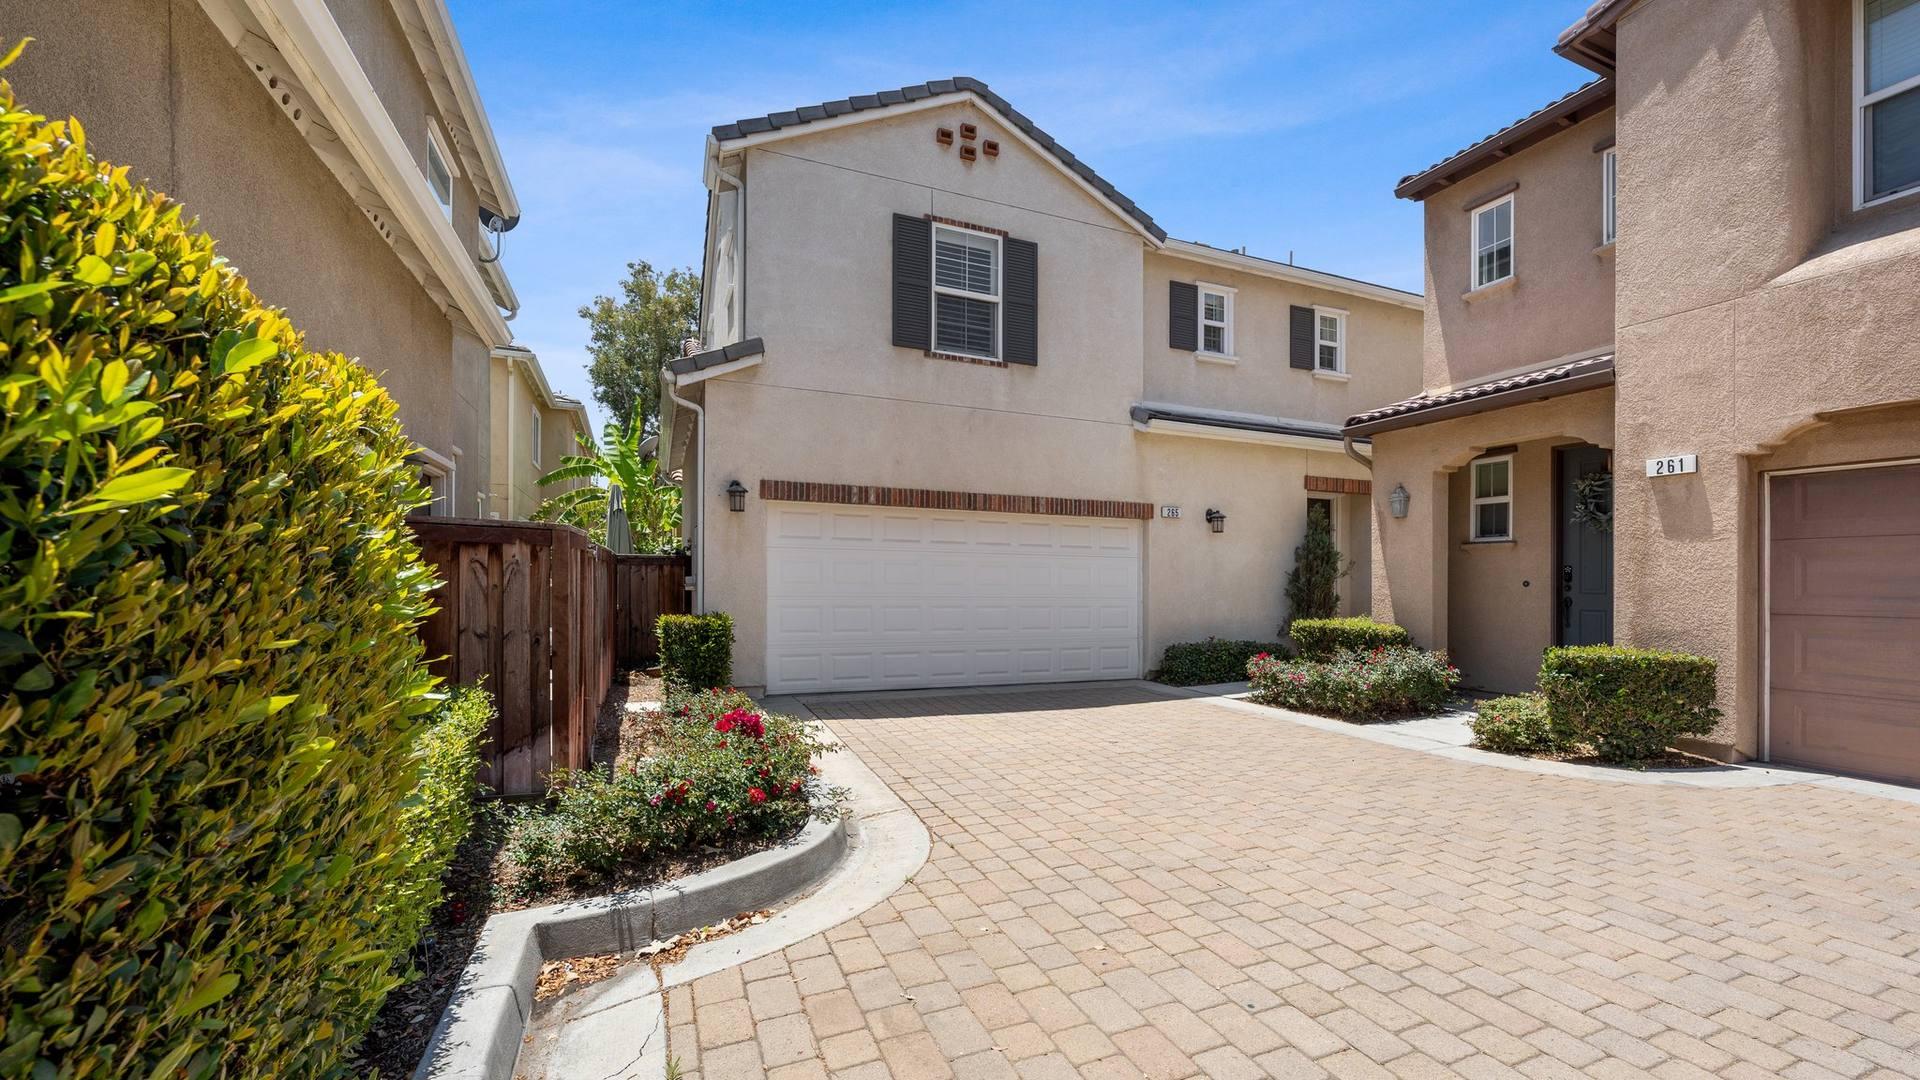 265 Sparkleberry Ave, Orange, CA 92865, US